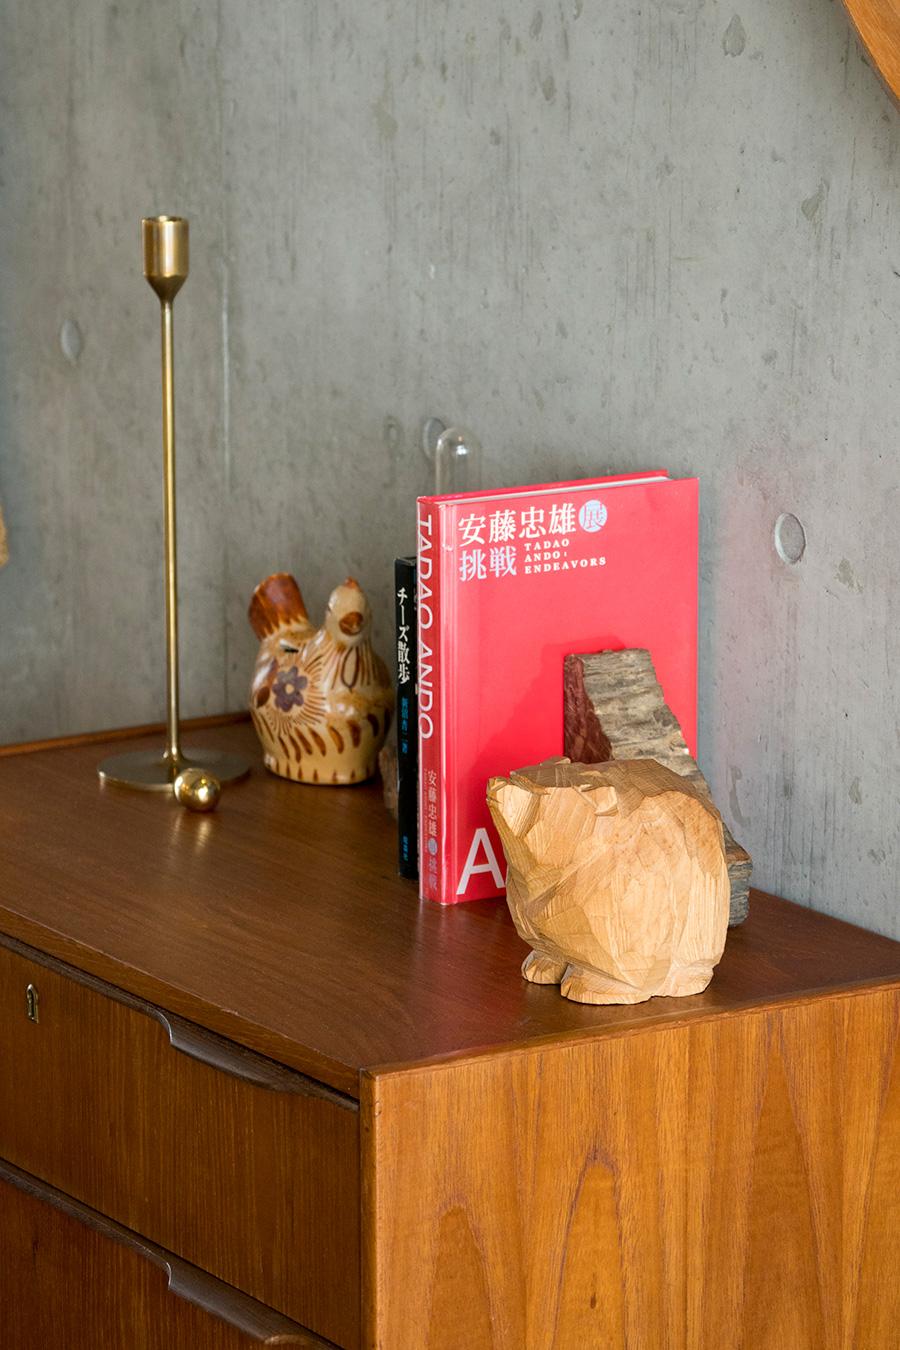 北海道で買った木彫りのクマは、柴崎重行氏の作品。安藤忠雄氏の本は、祐利恵さんのお父さんから俊介さんへのプレゼント。